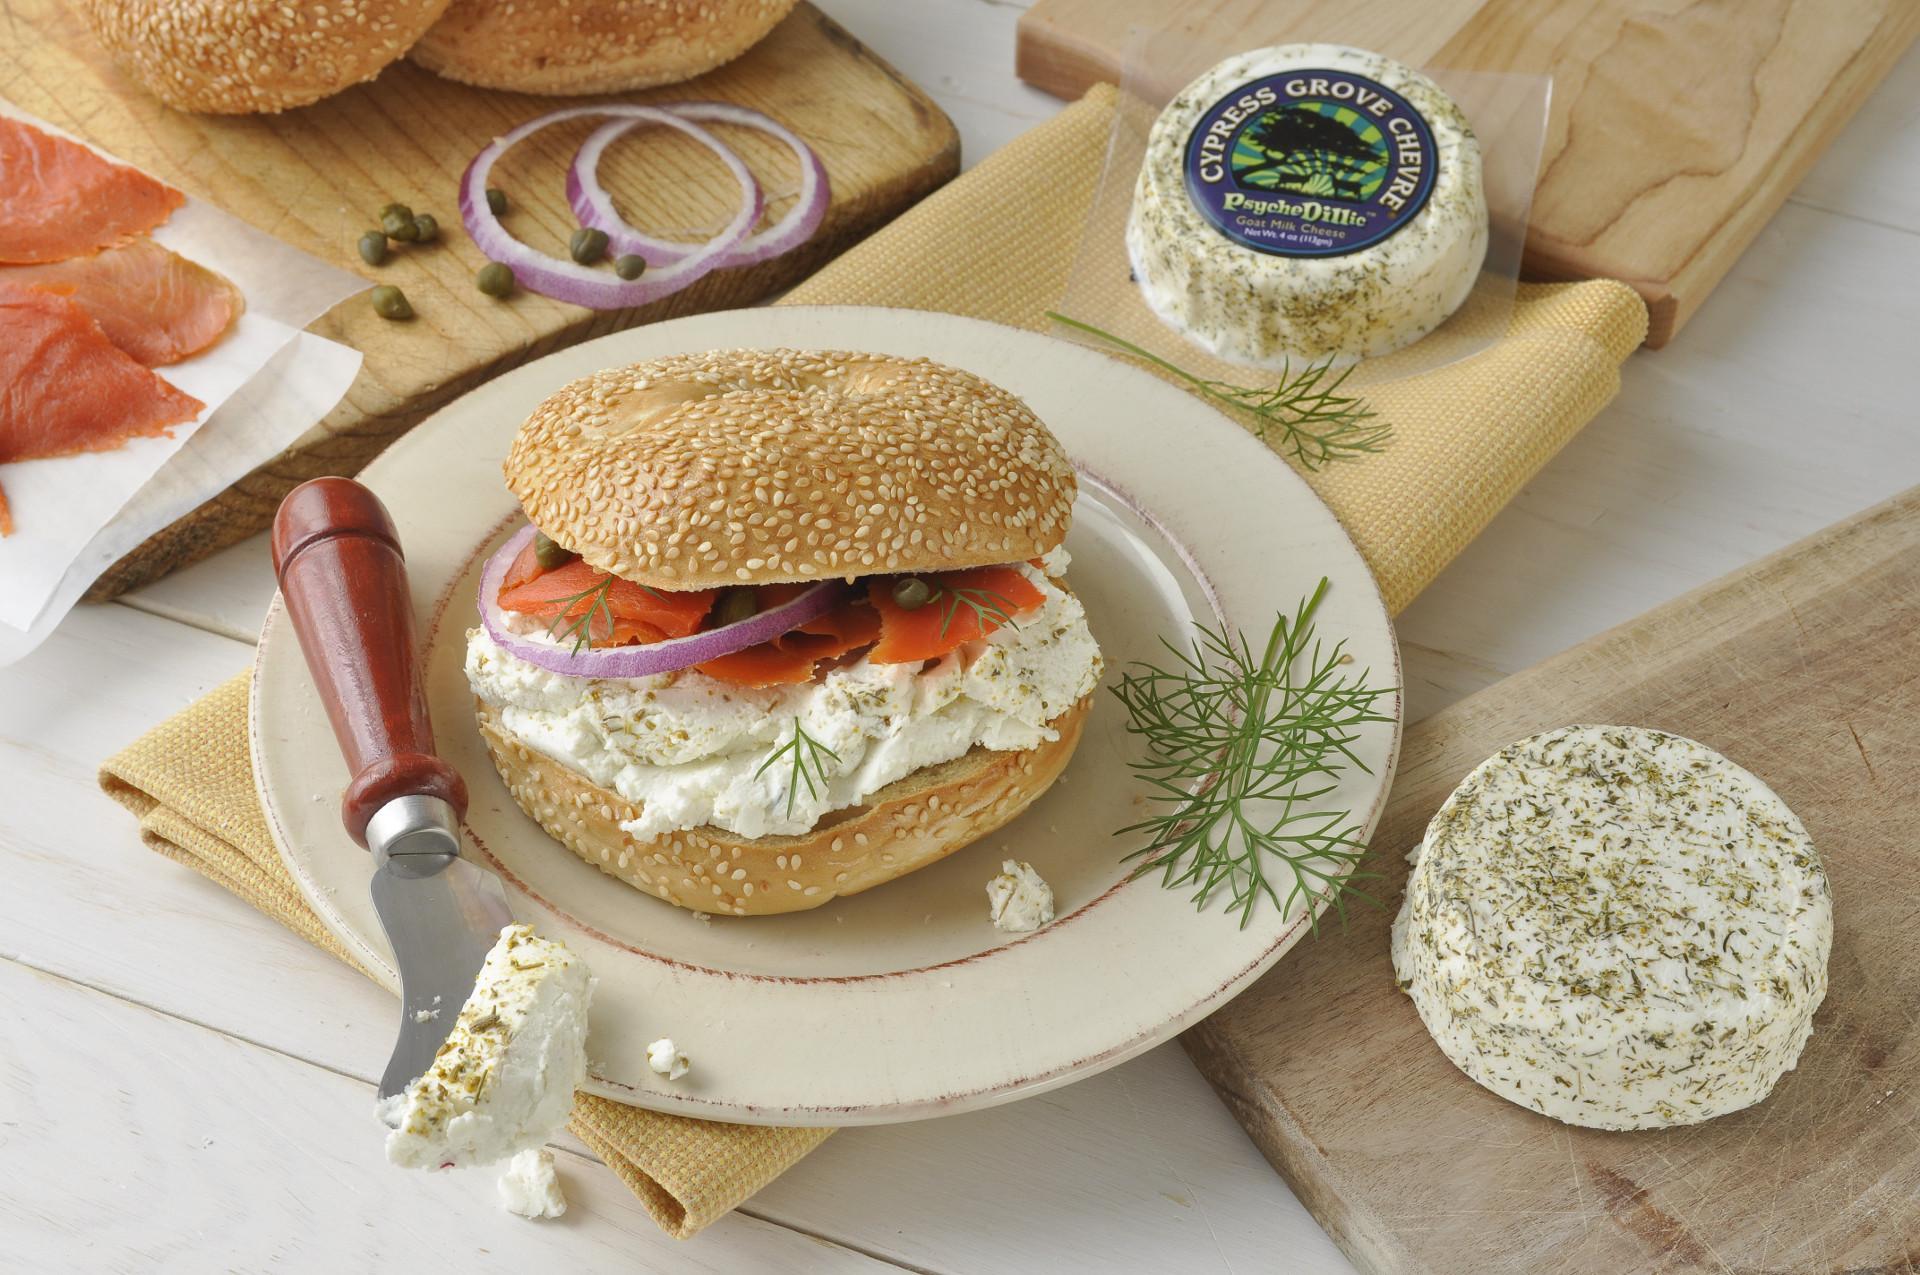 PsycheDillic® Bagel Sandwich Recipe